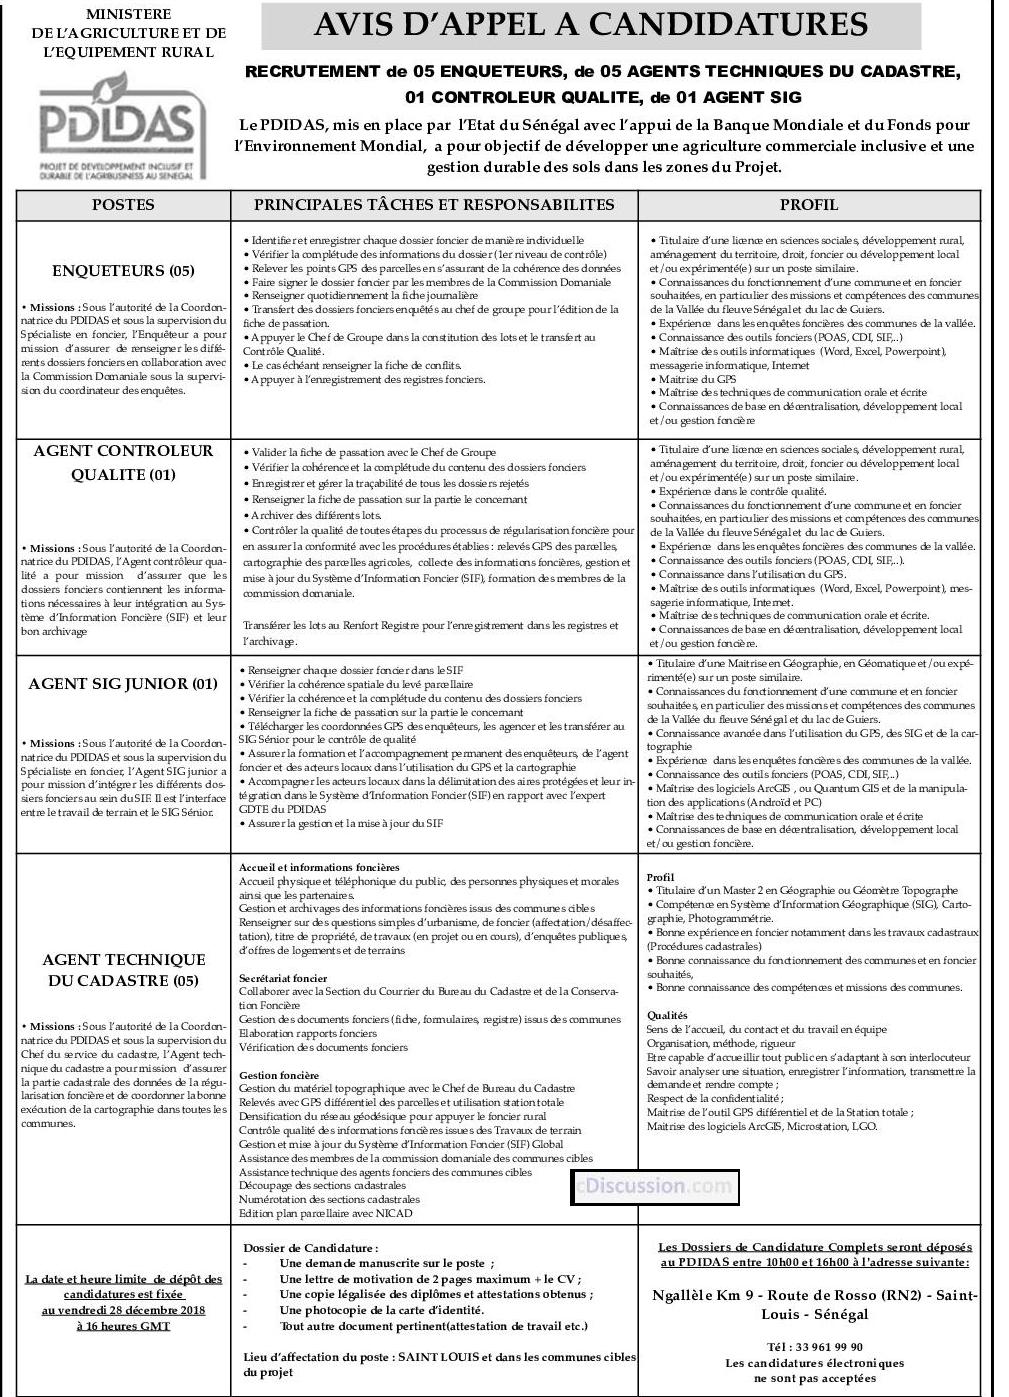 Pdidas Recrute 01 Controleur Qualite Recrutement Offre D